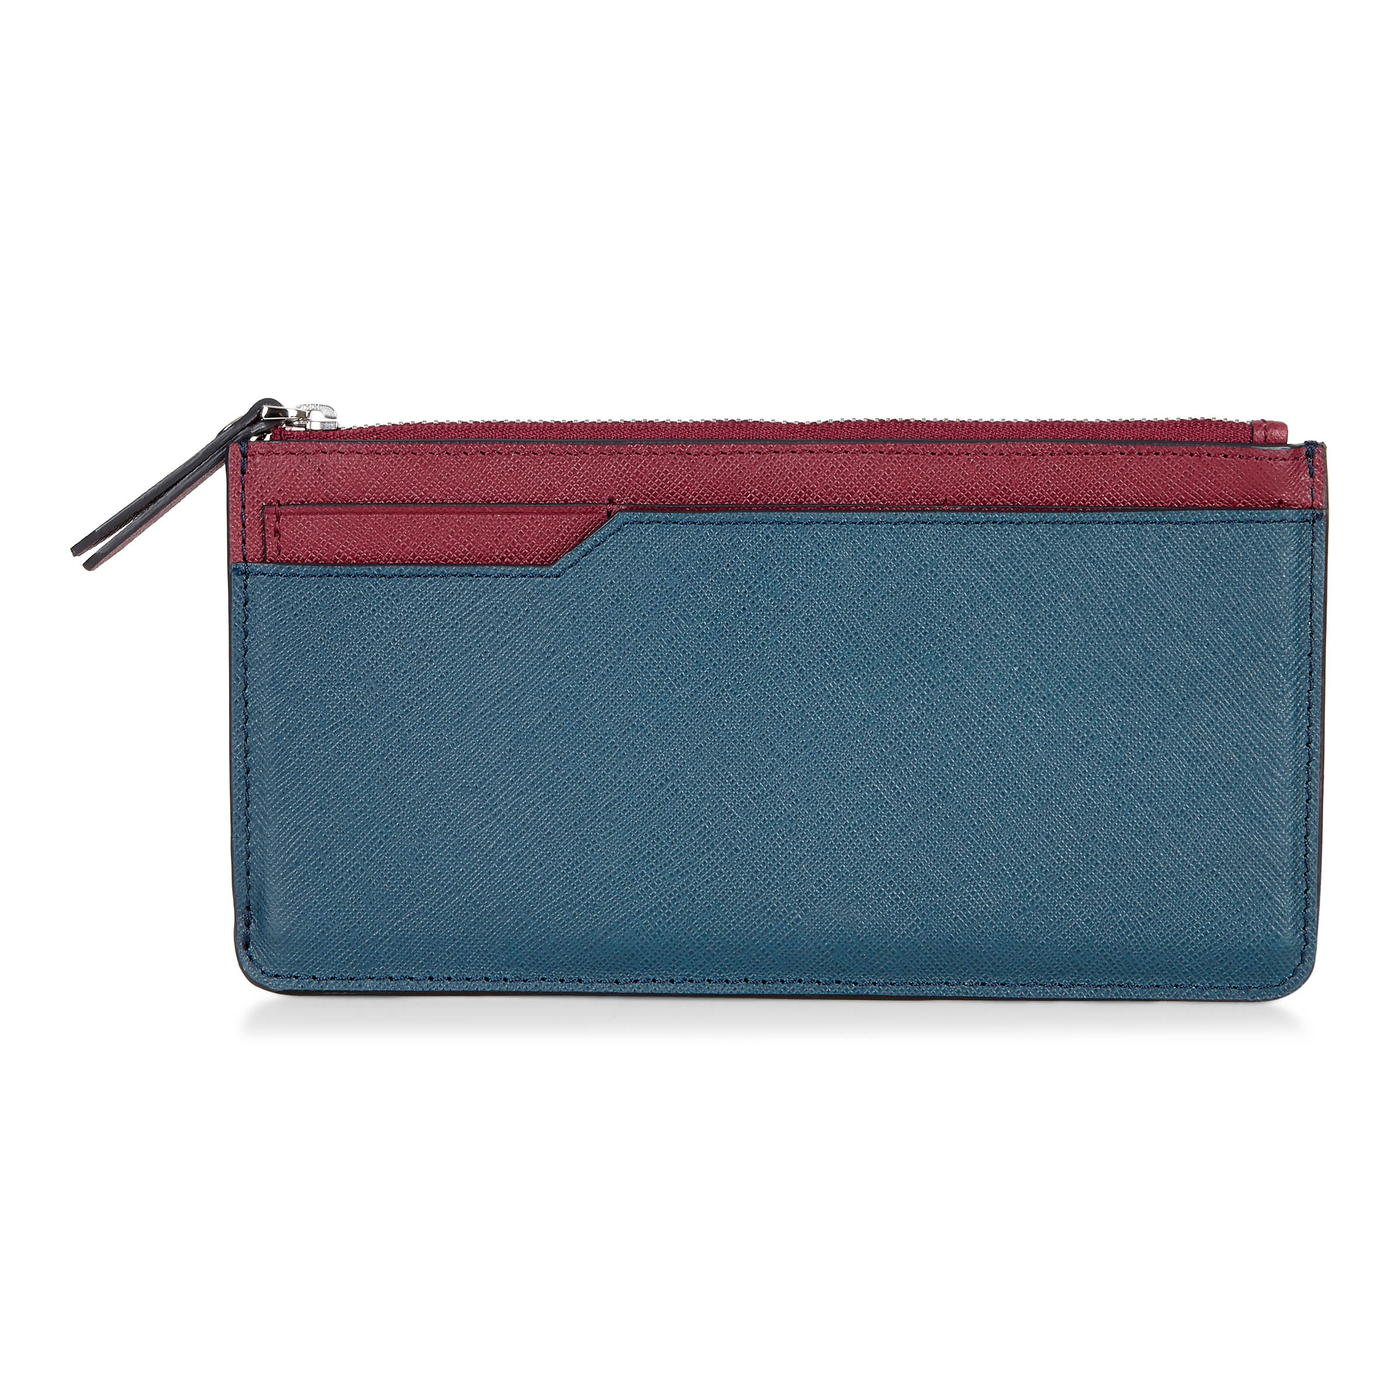 ECCO IOLA Long Travel Wallet